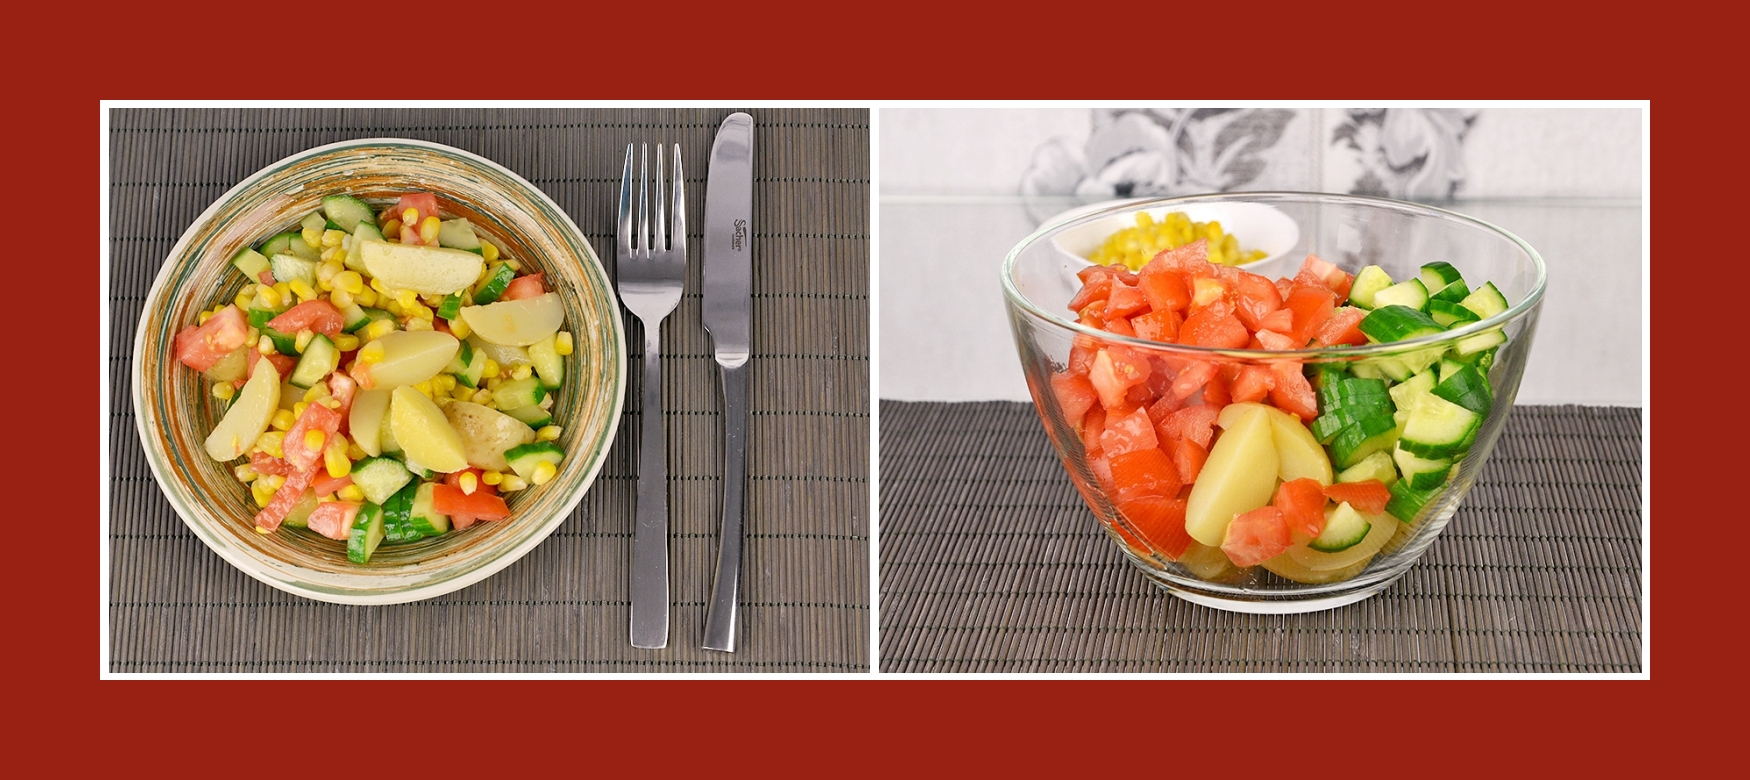 Sommersalat mit Gurken, Tomaten und Frühkartoffeln